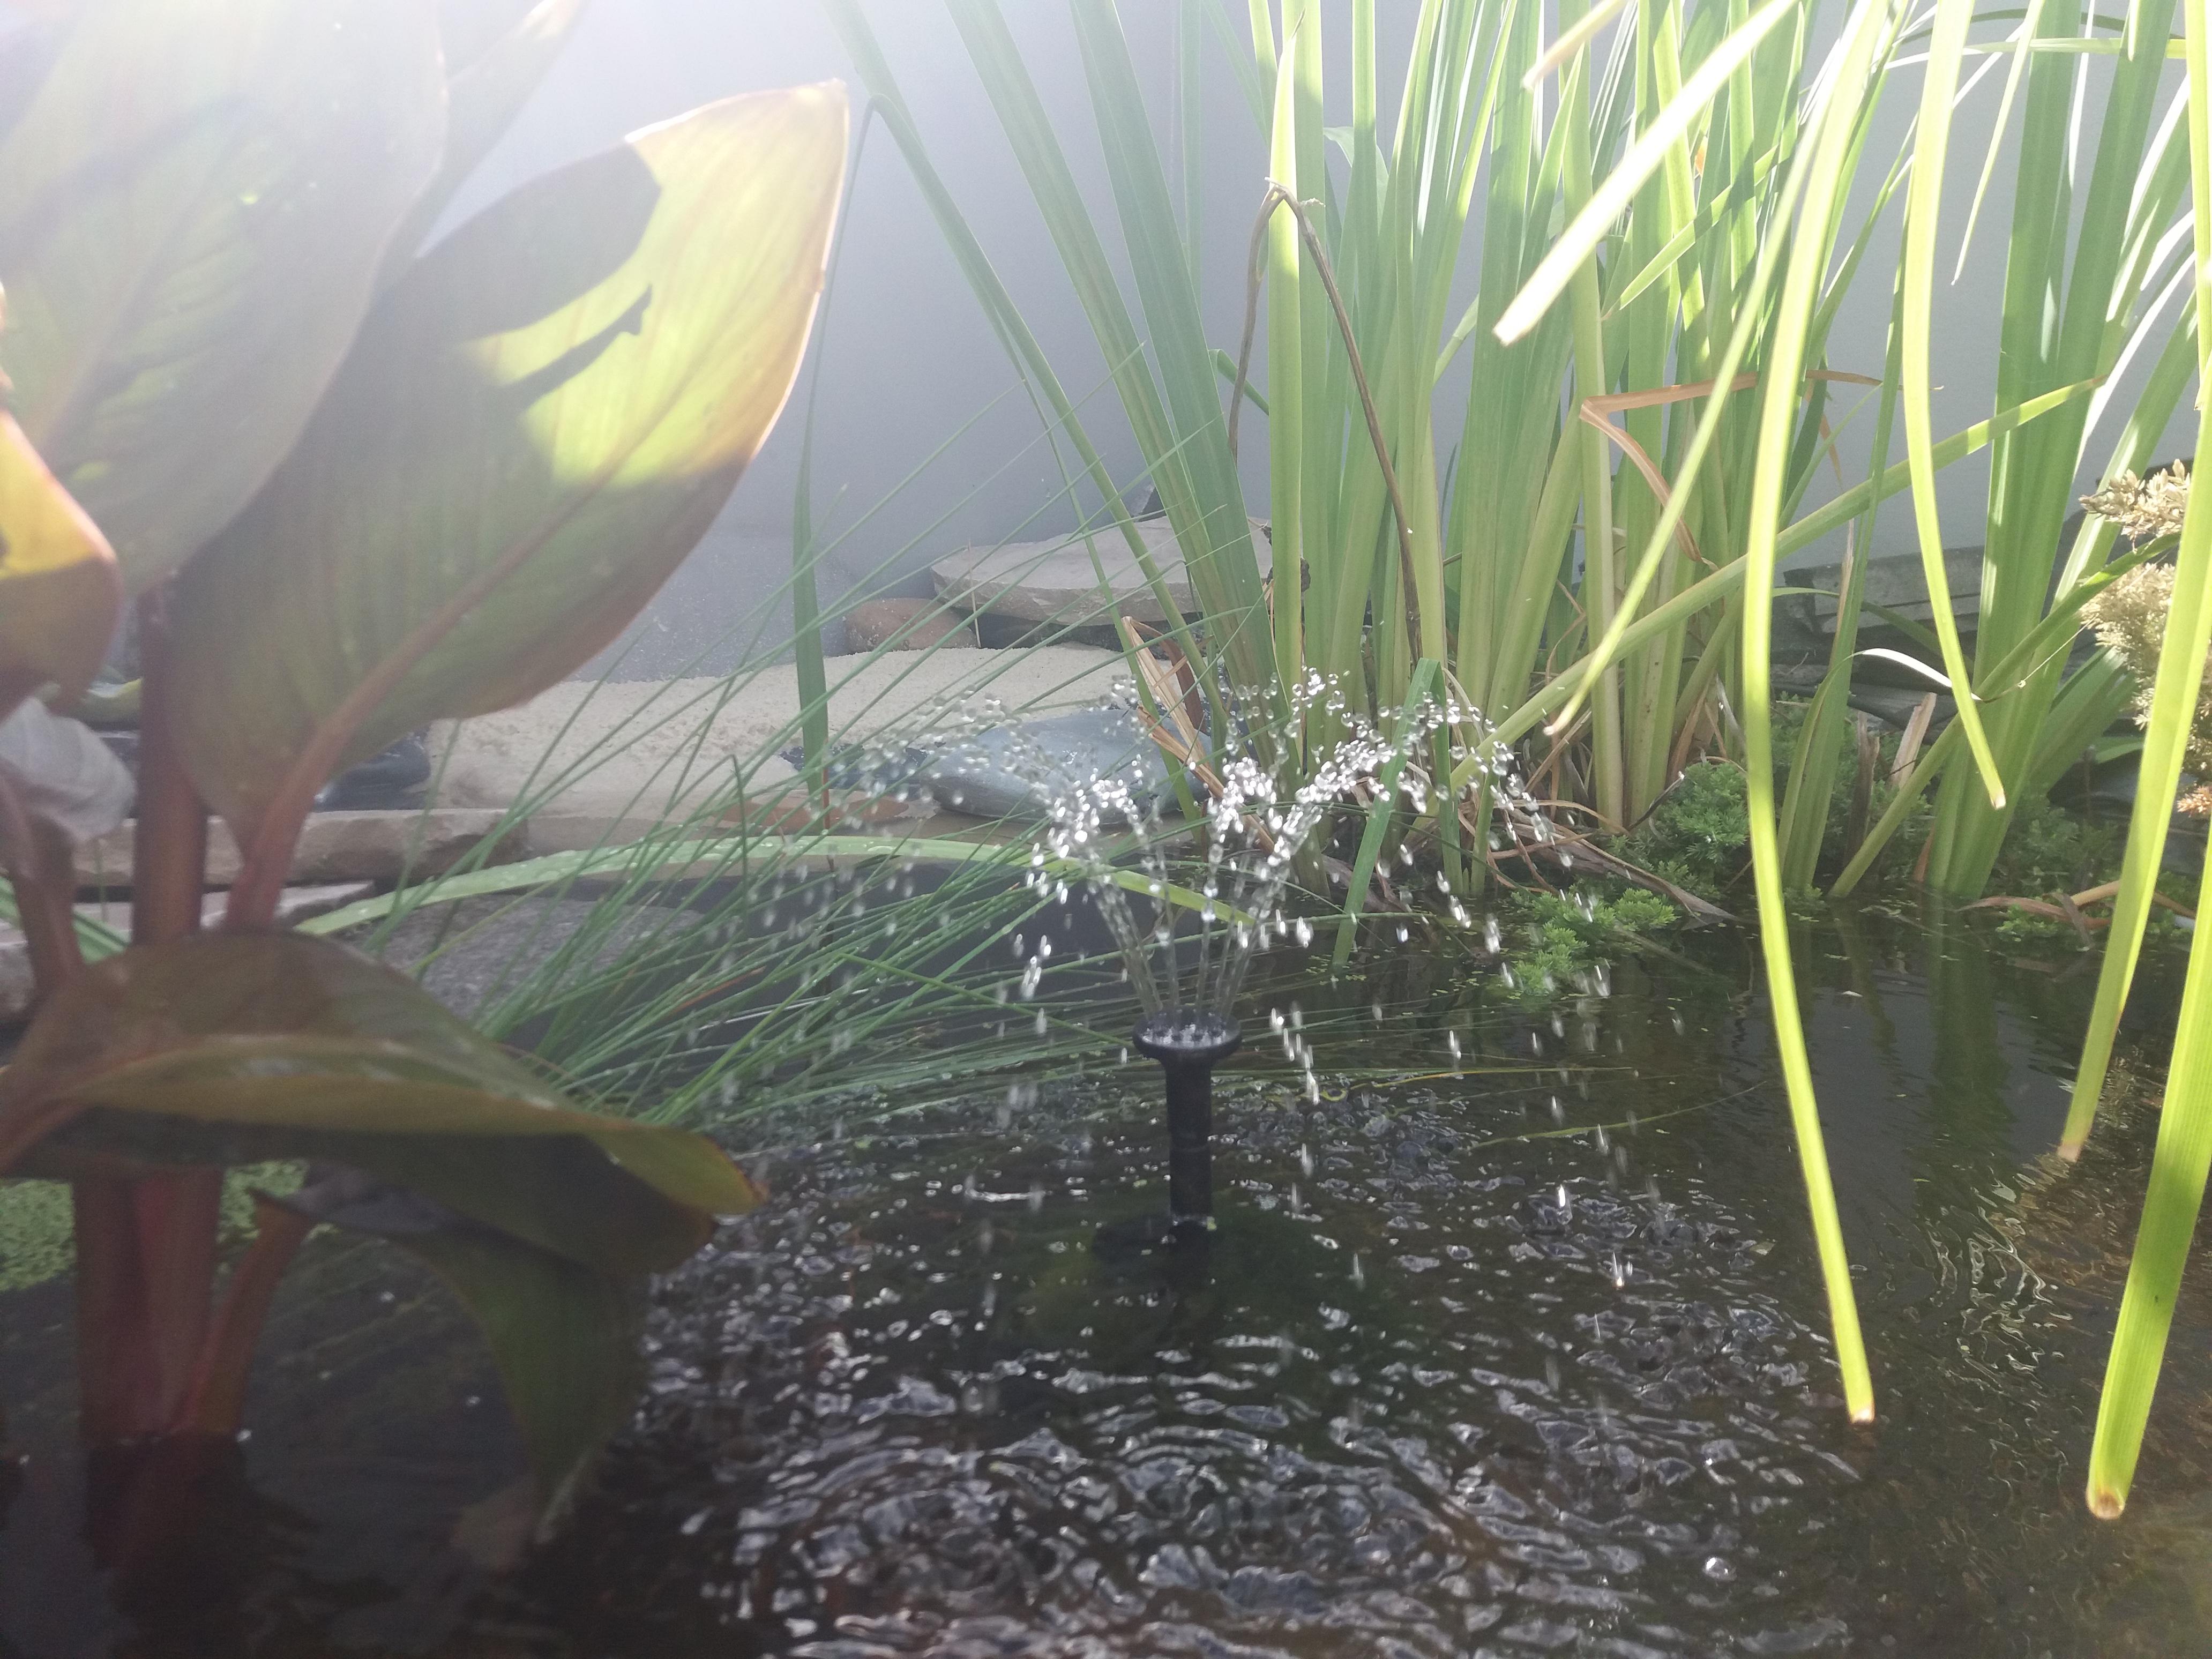 Solarpumpe für den Teich | eine gute Idee?